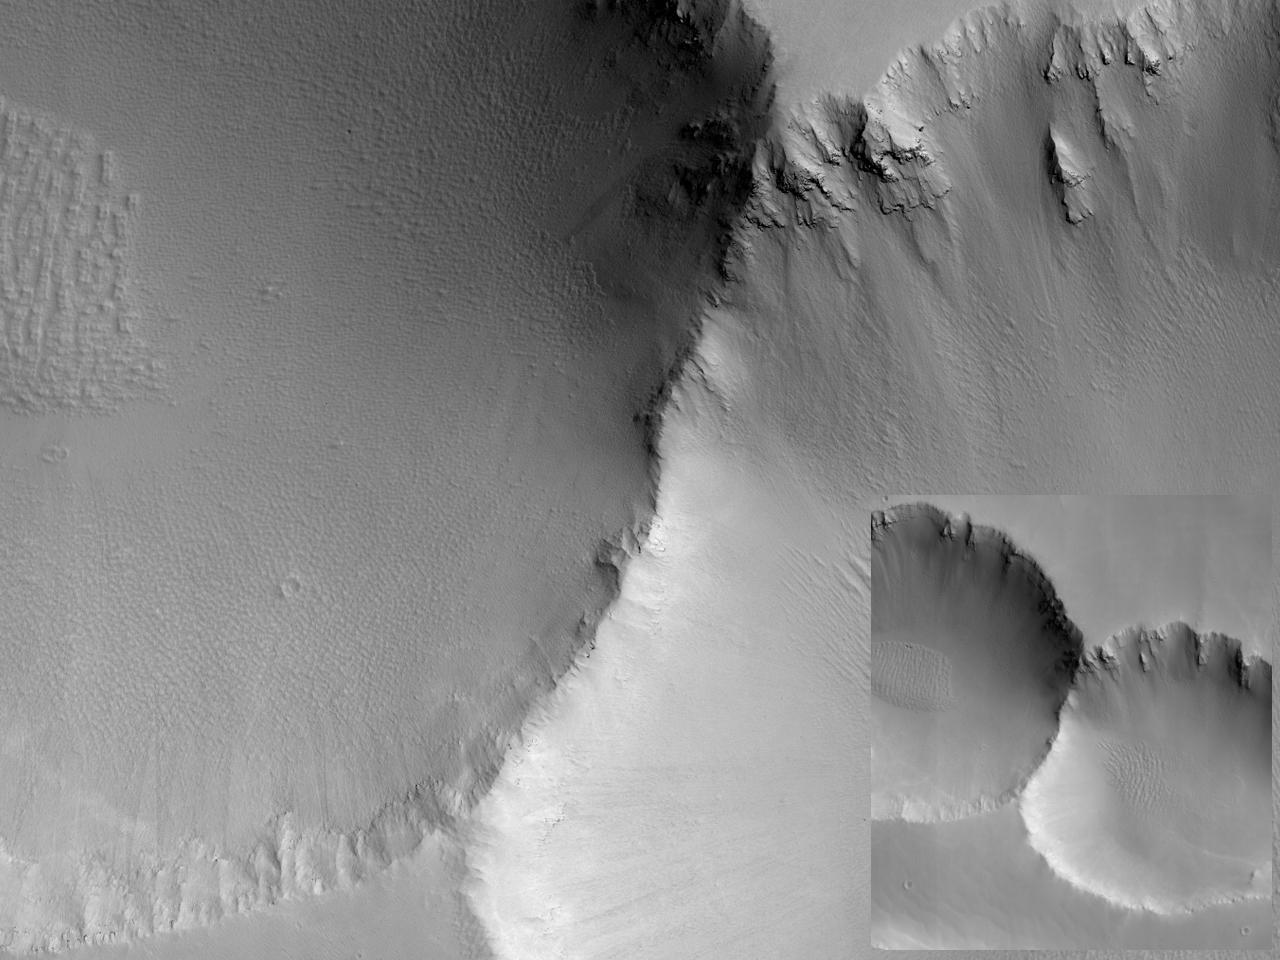 To kratere ved siden av hverandre i Noctis Labyrinthus